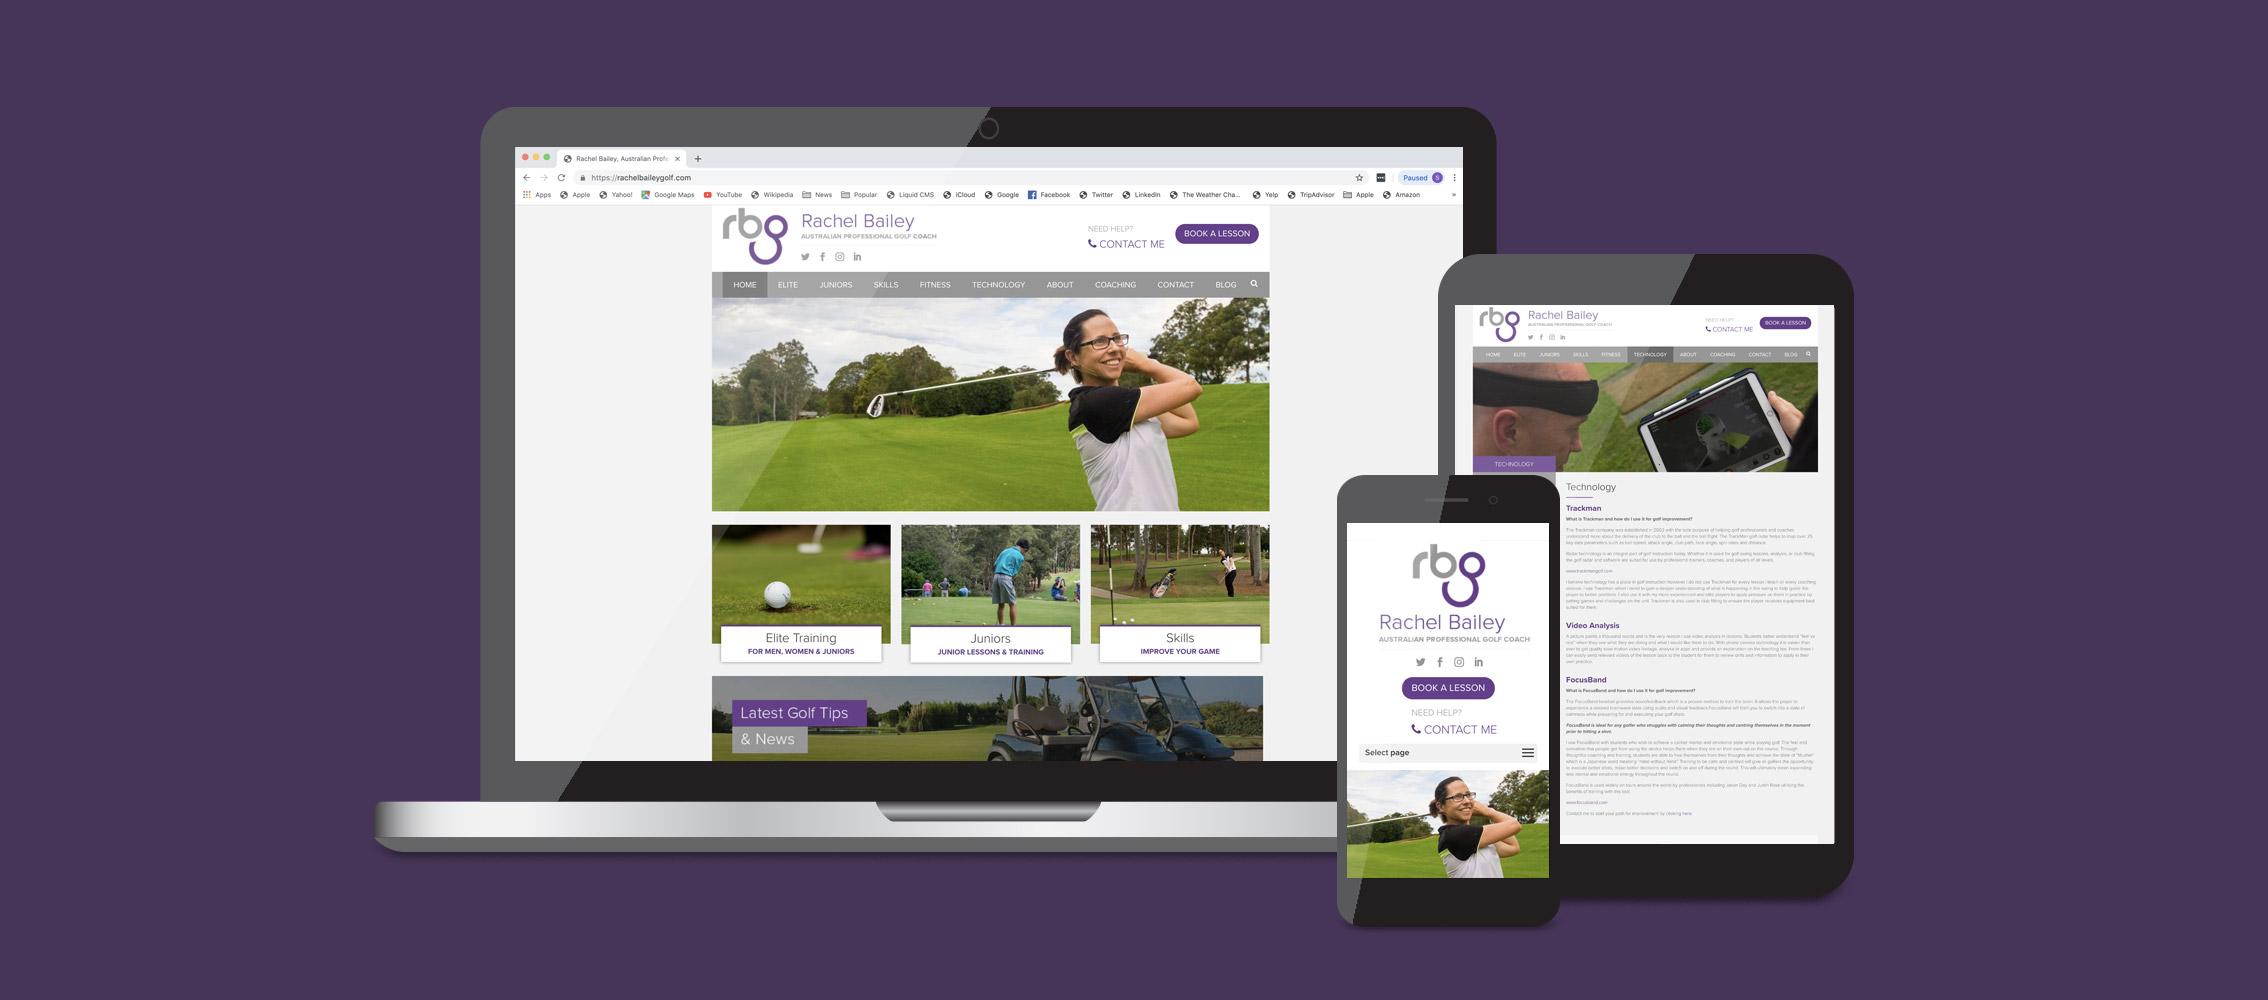 Rachel Bailey Website Design